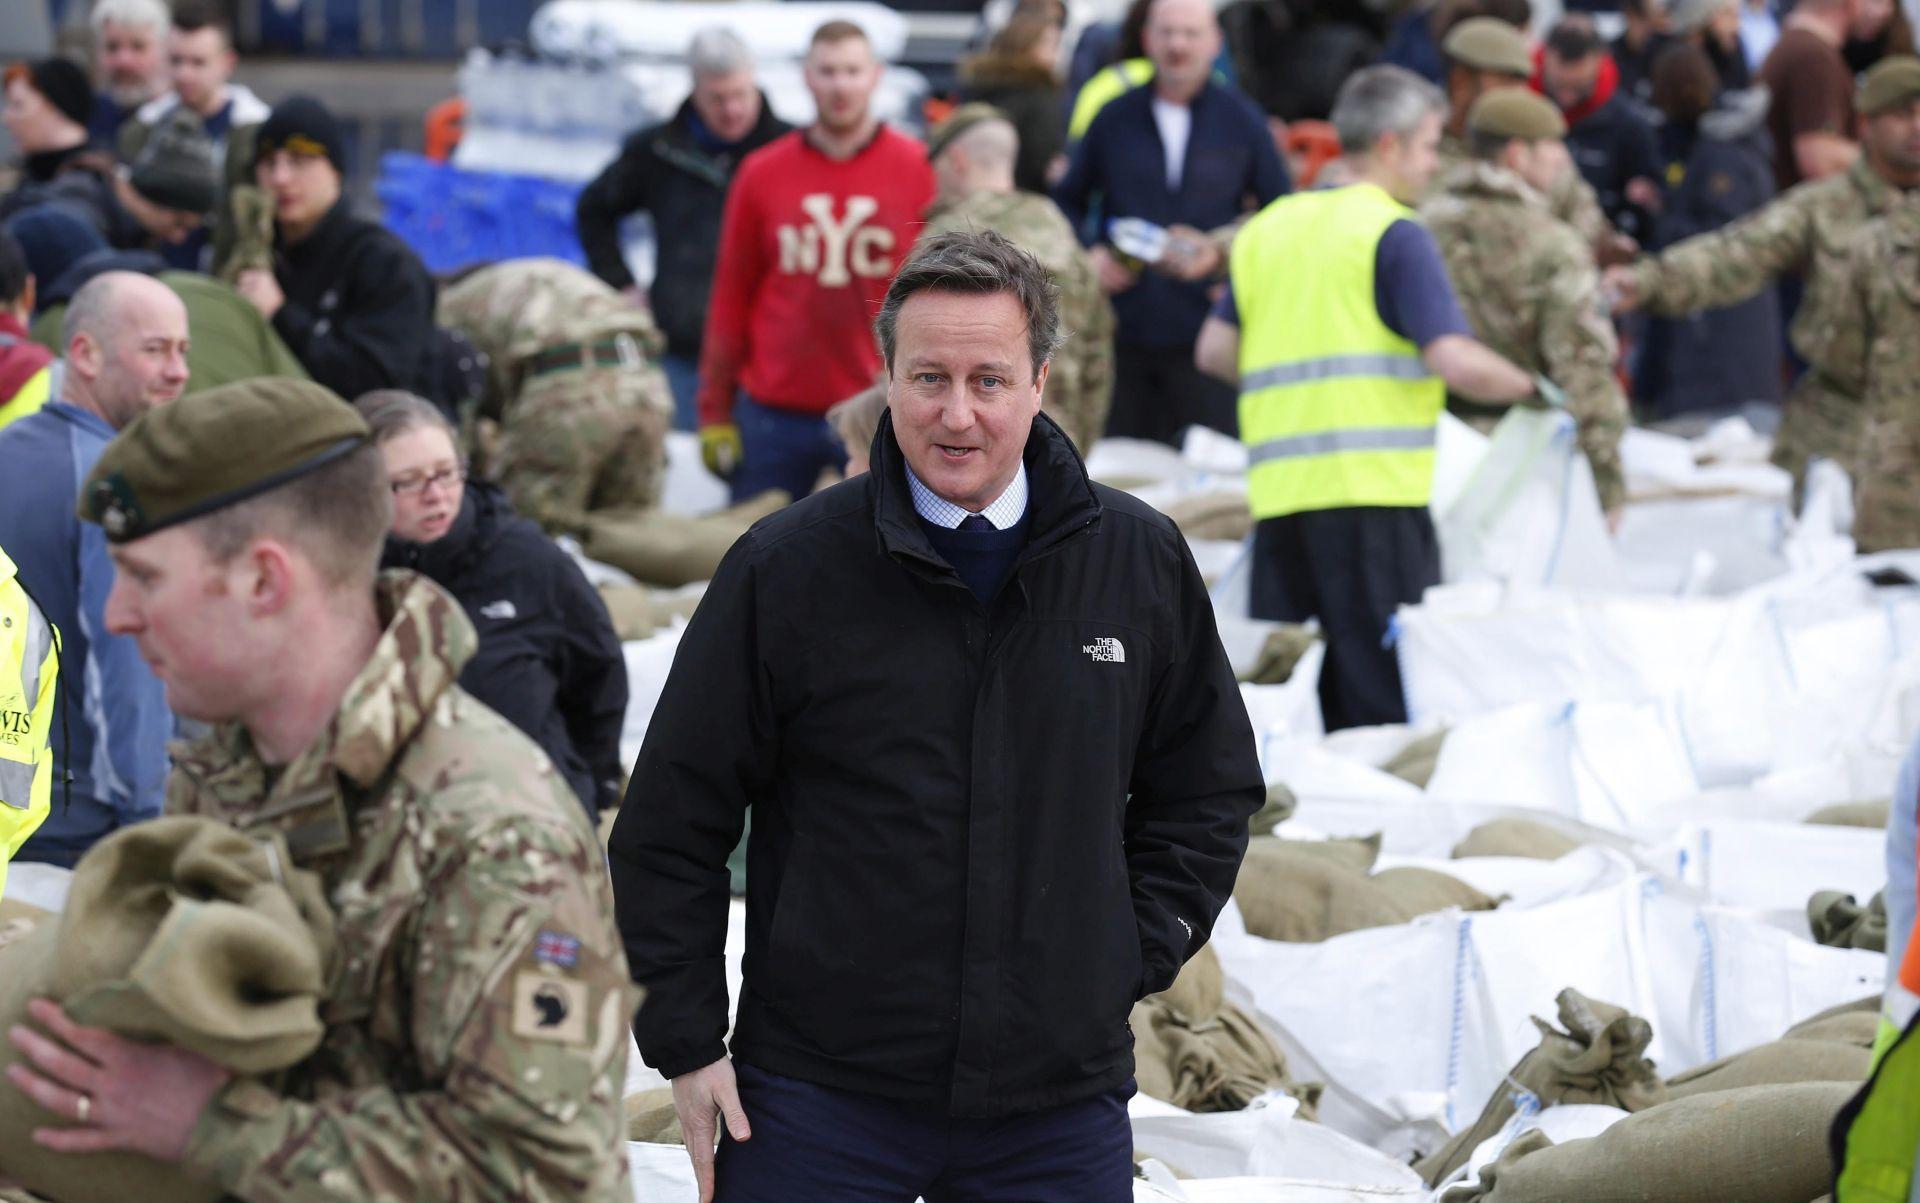 VELIKA BRITANIJA: David Cameron posjetio regije pogođene rekordnim poplavama